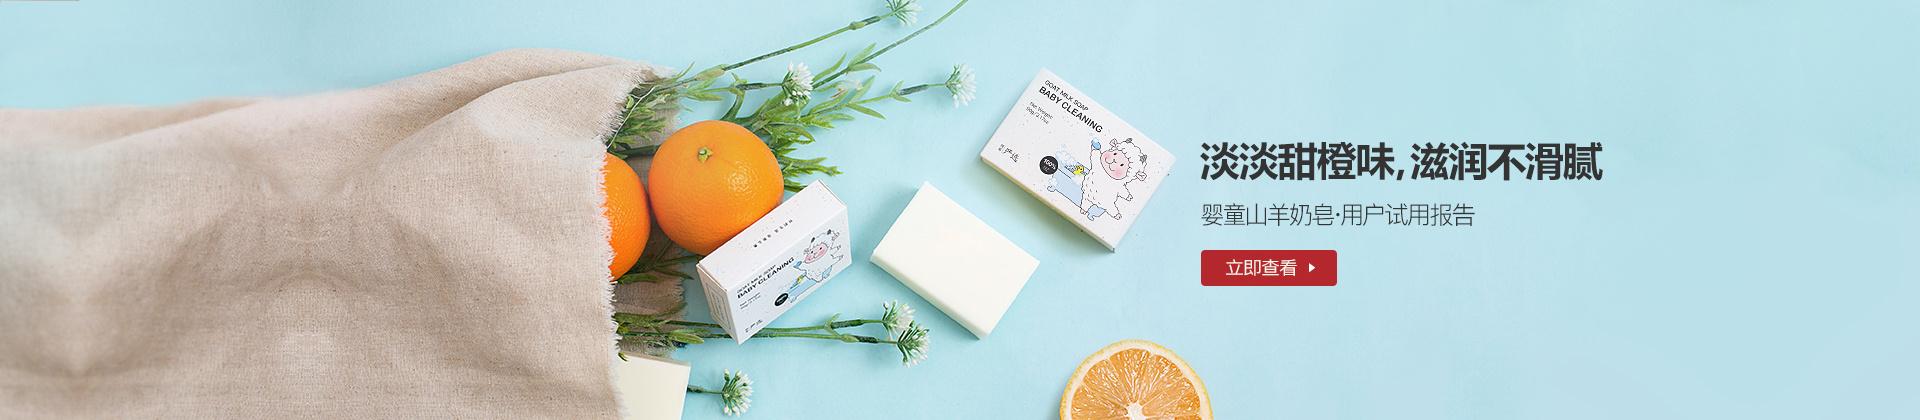 新西兰制造 婴童山羊奶香皂